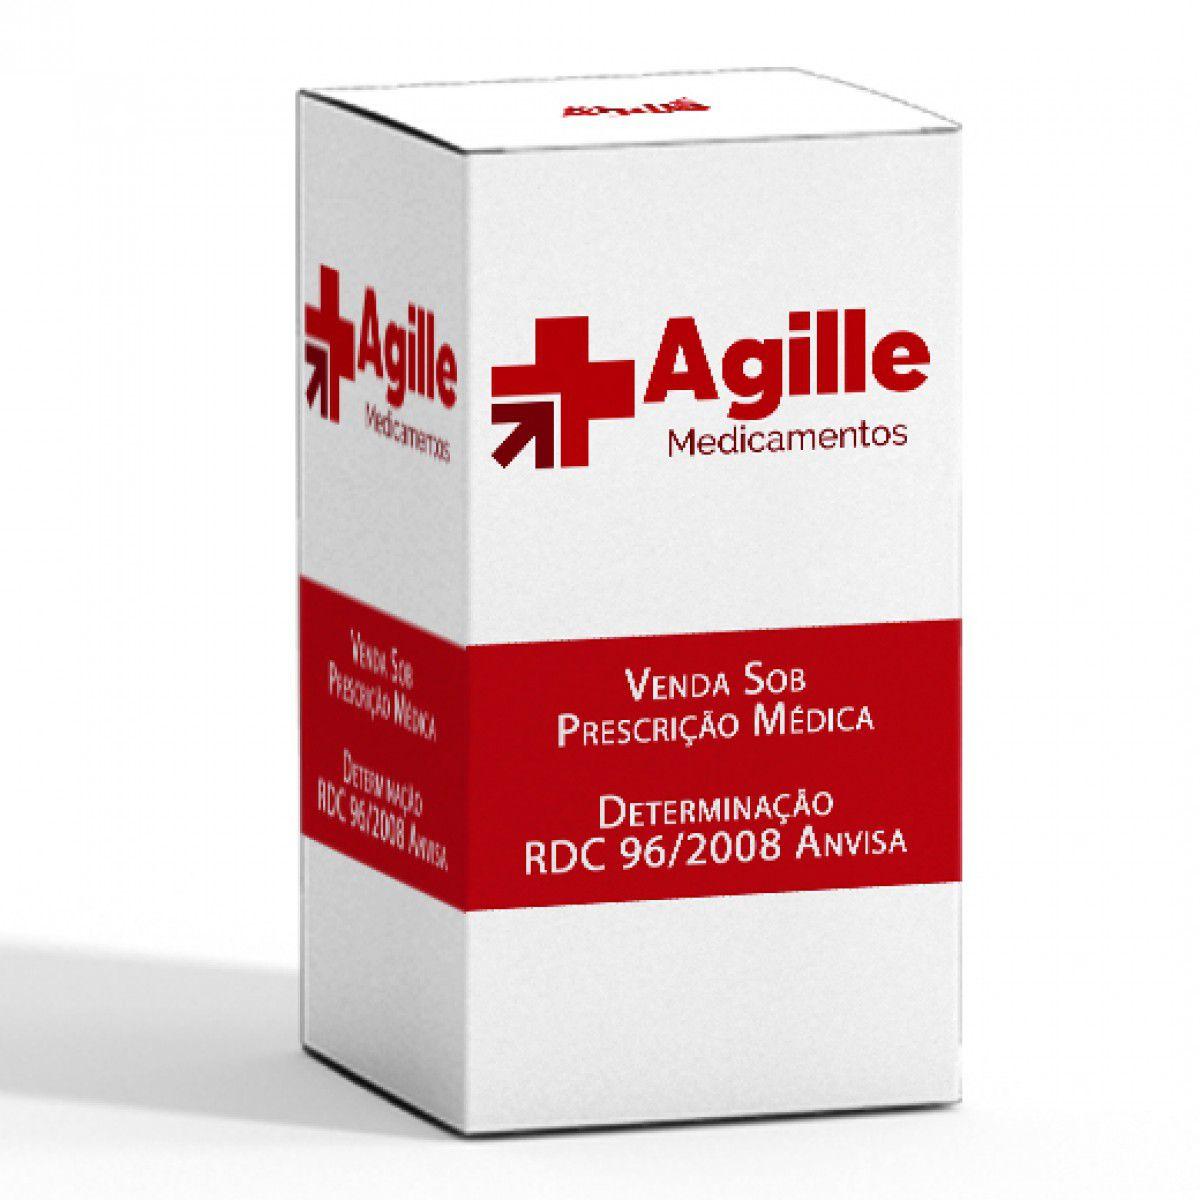 KYLEENA 19.5 mg IUS BLI 1X1 BR